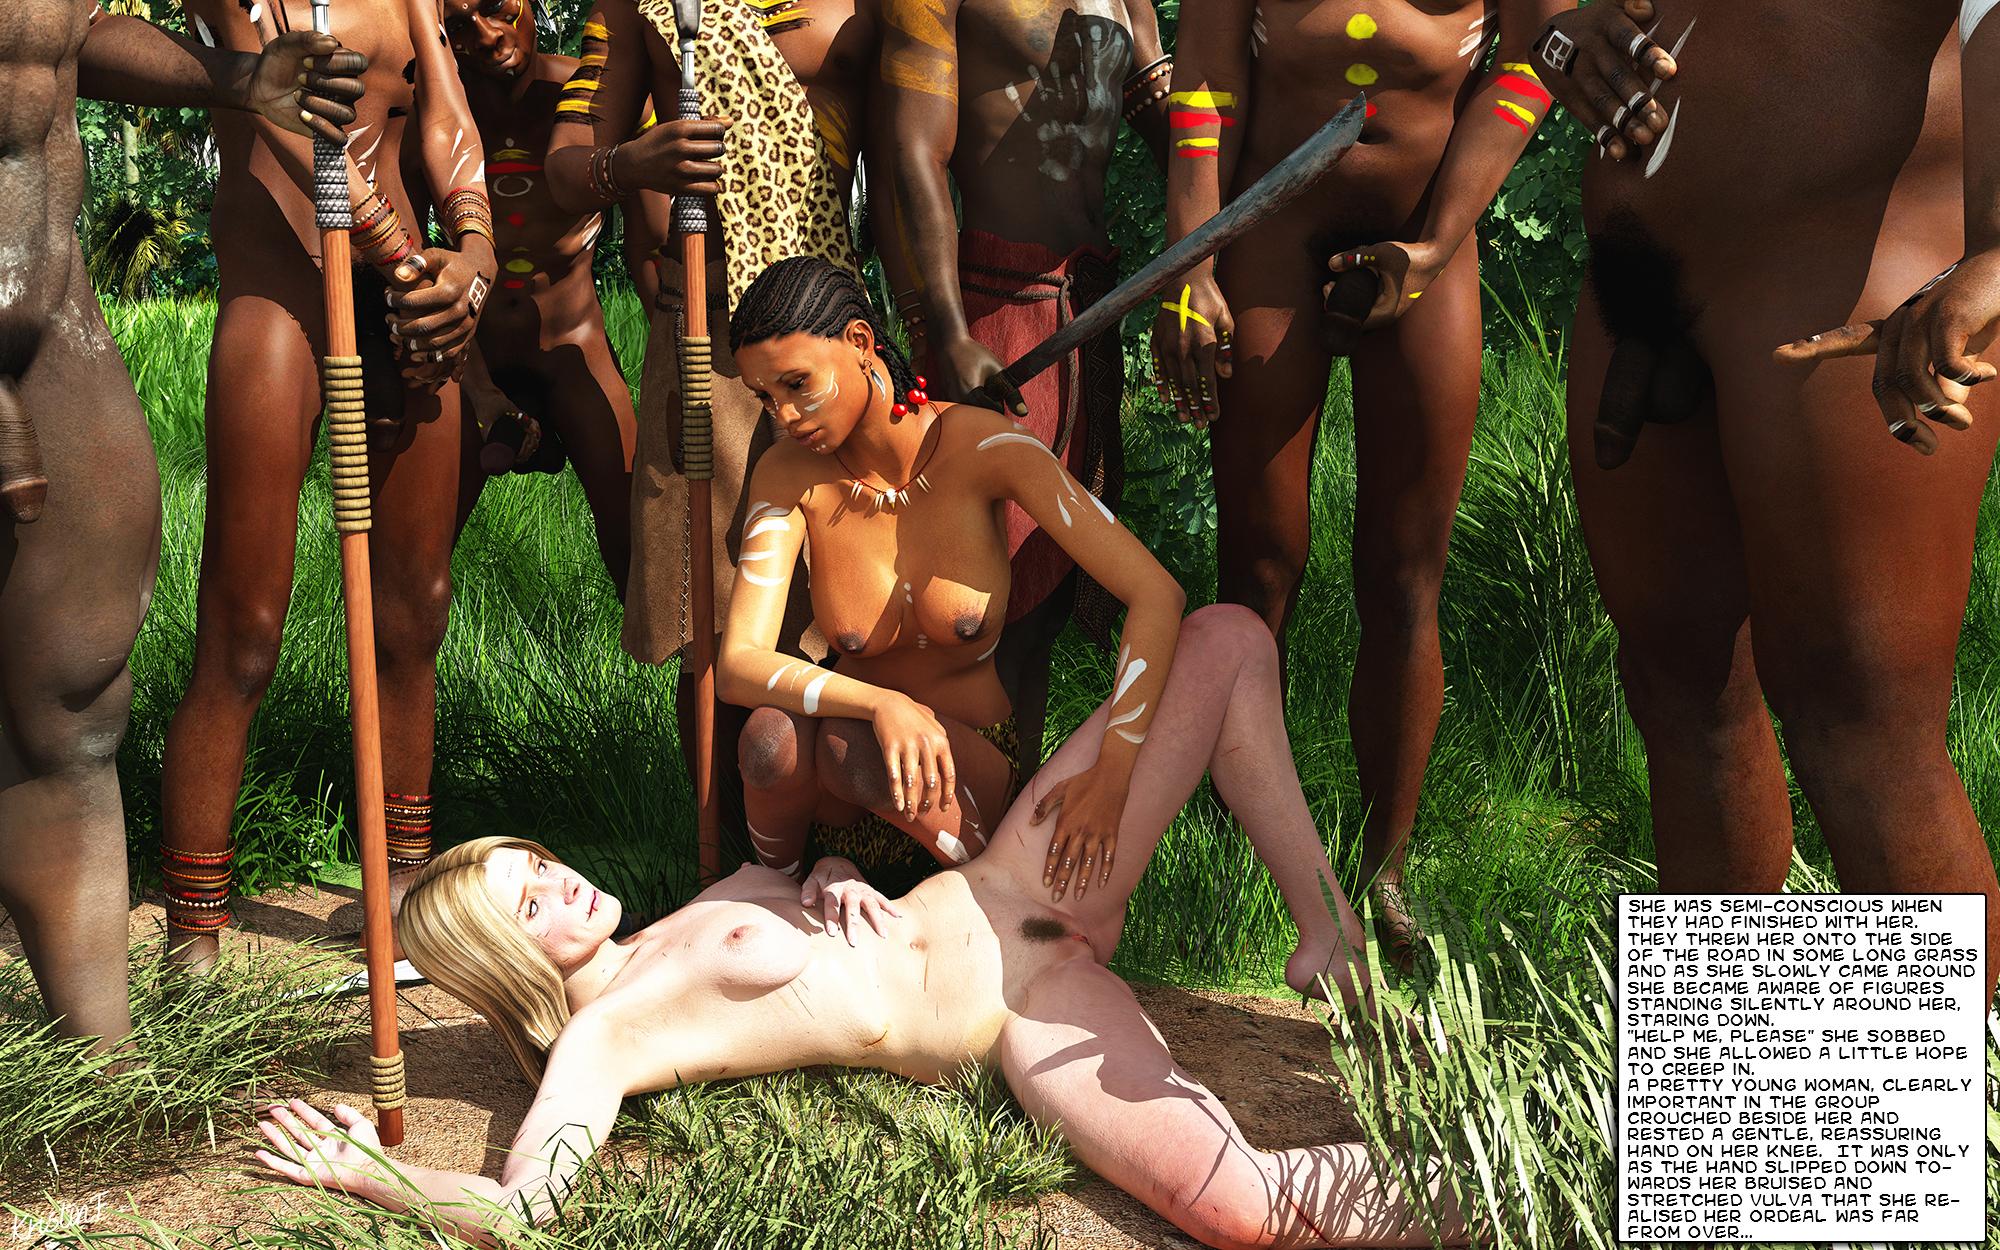 Wild ebony porn